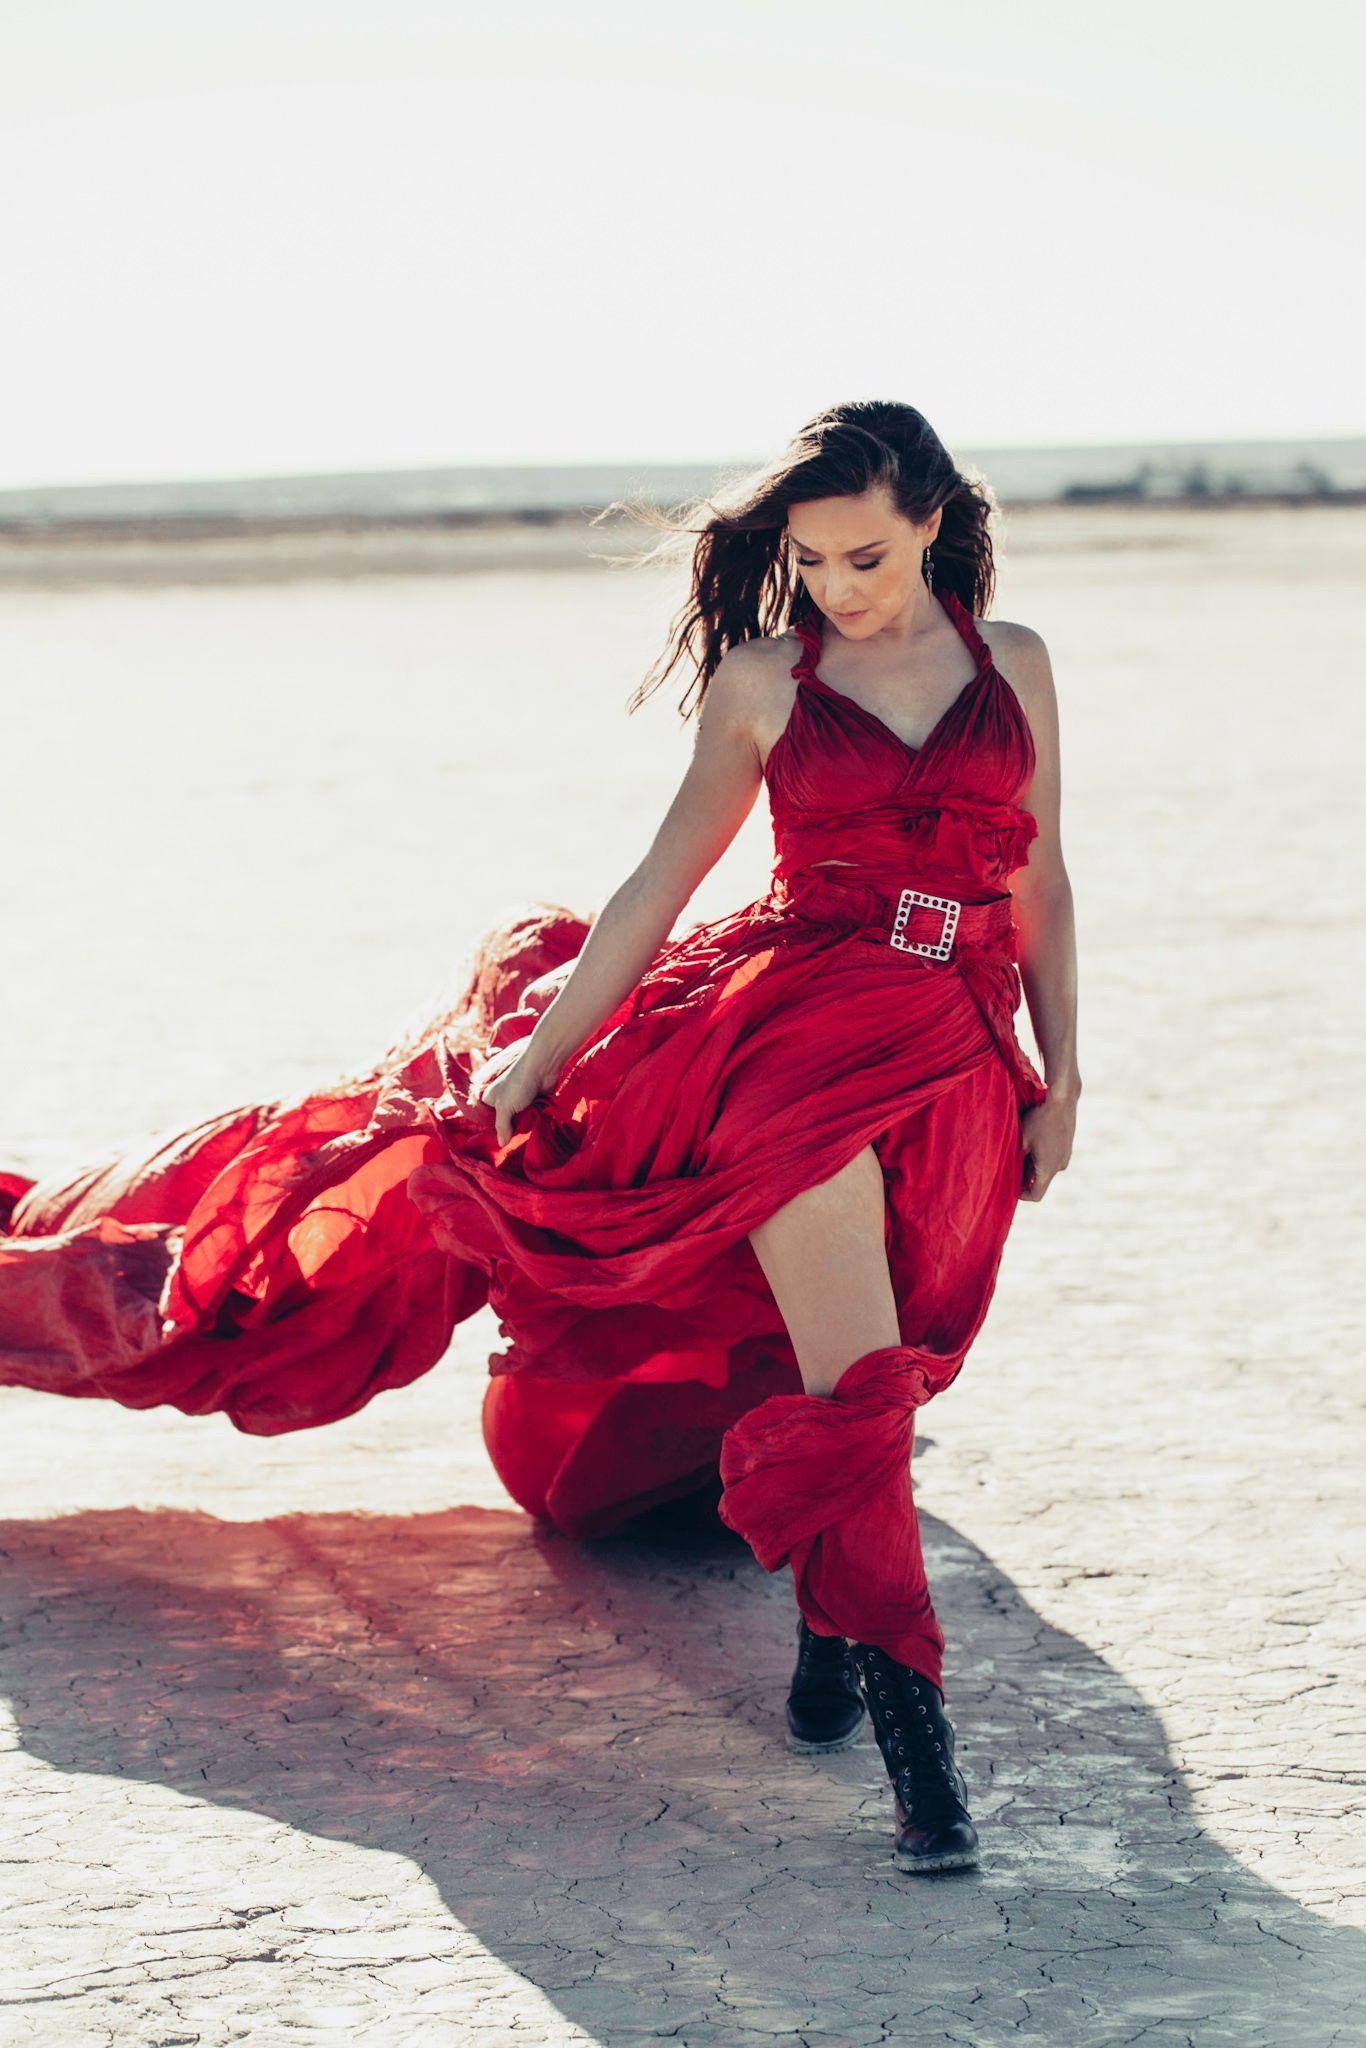 Творческий путь Дины Лайзис, ее новый клип и работа с композитором Риком Эллисоном.